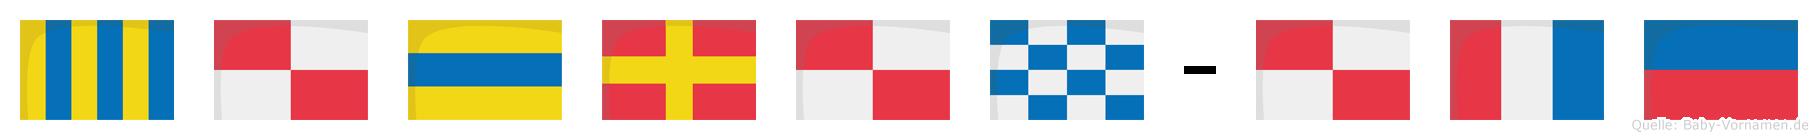 Gudrun-Ute im Flaggenalphabet